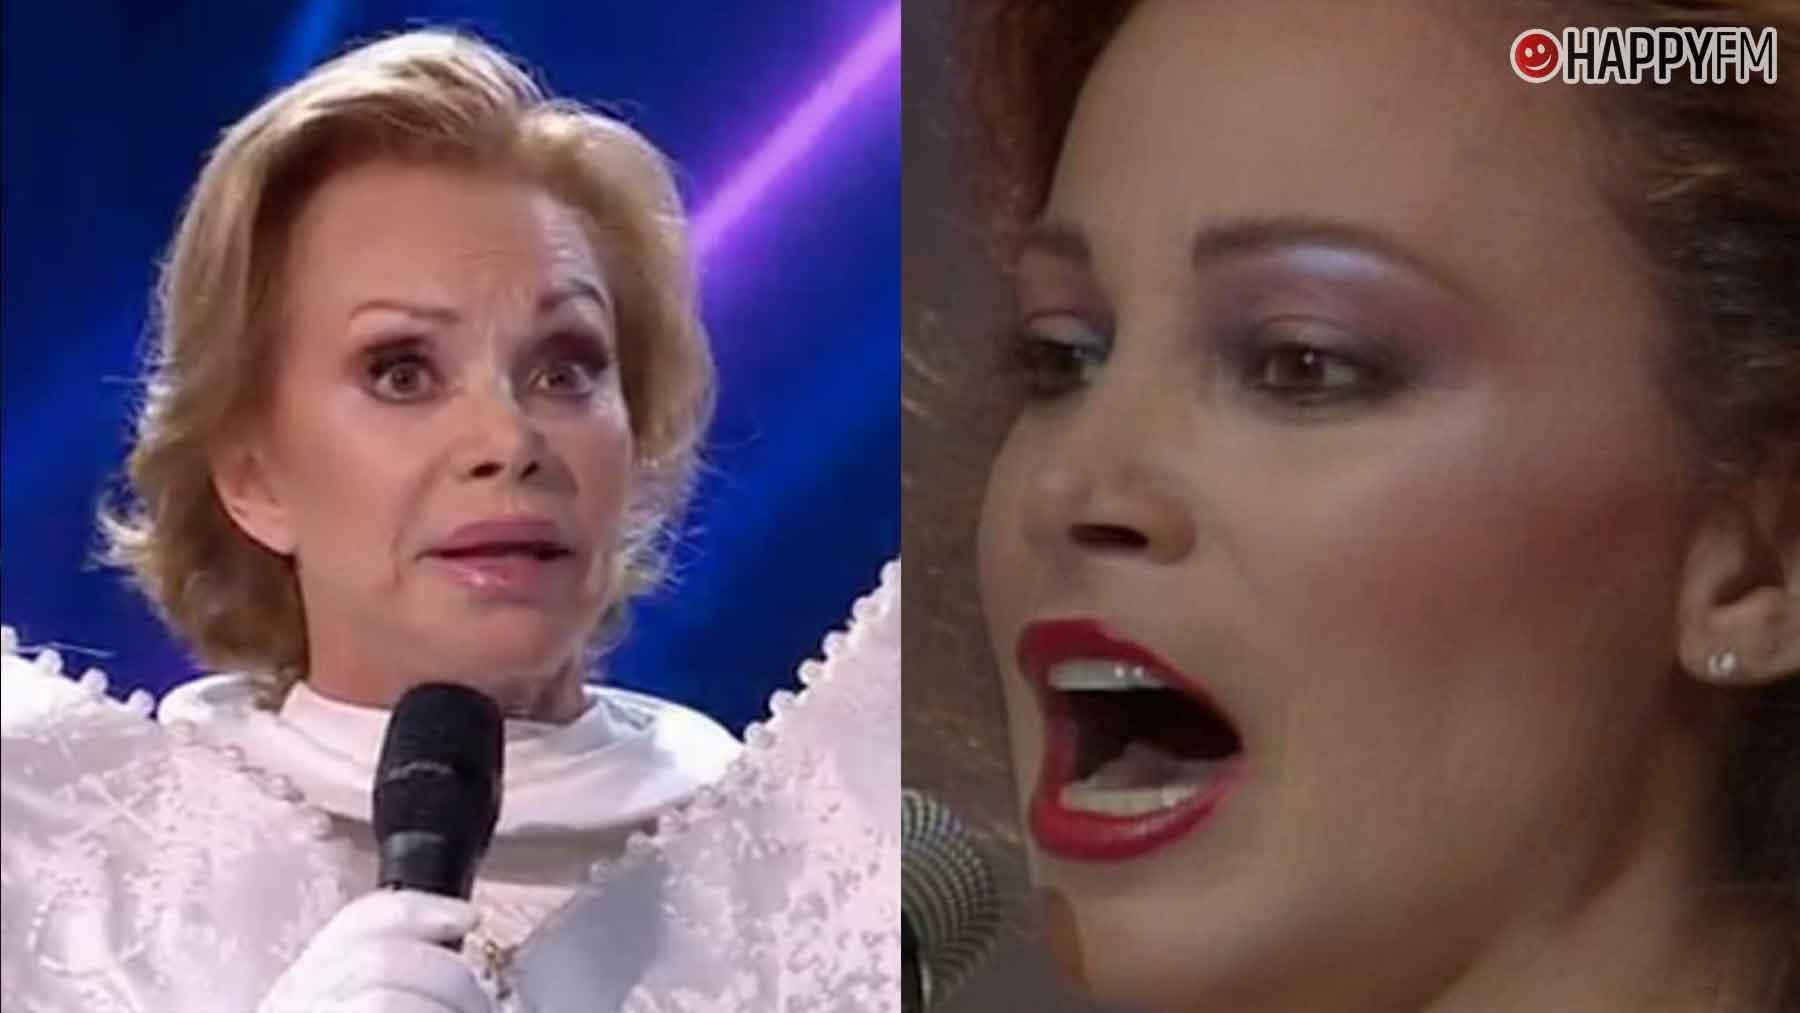 Paloma San Basilio triunfó en Eurovisión antes de hacerlo en Mask Singer